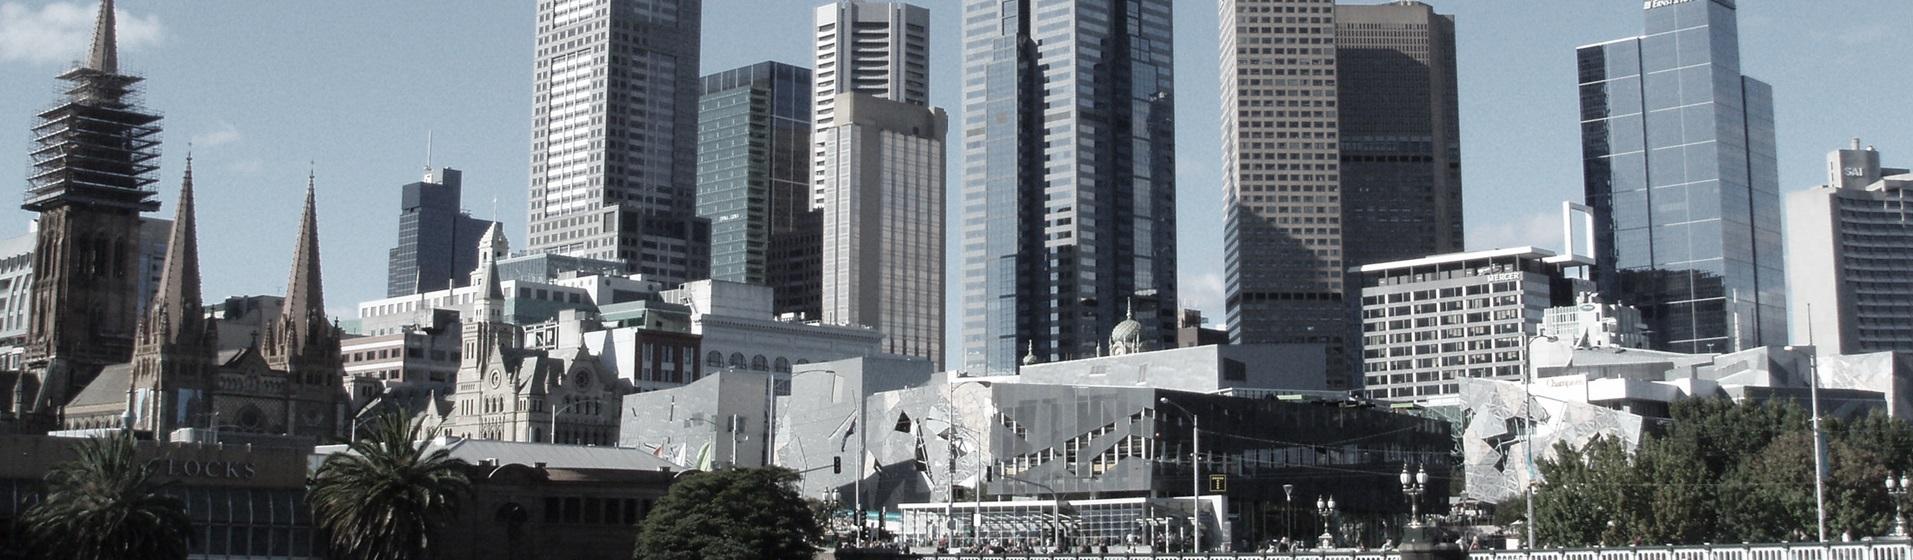 世界市場調査会社米国MarketsandMarkets社(マーケットアンドマーケット) の日本ウェブサイト。H&Iグローバルリサーチ(代理店)が運営